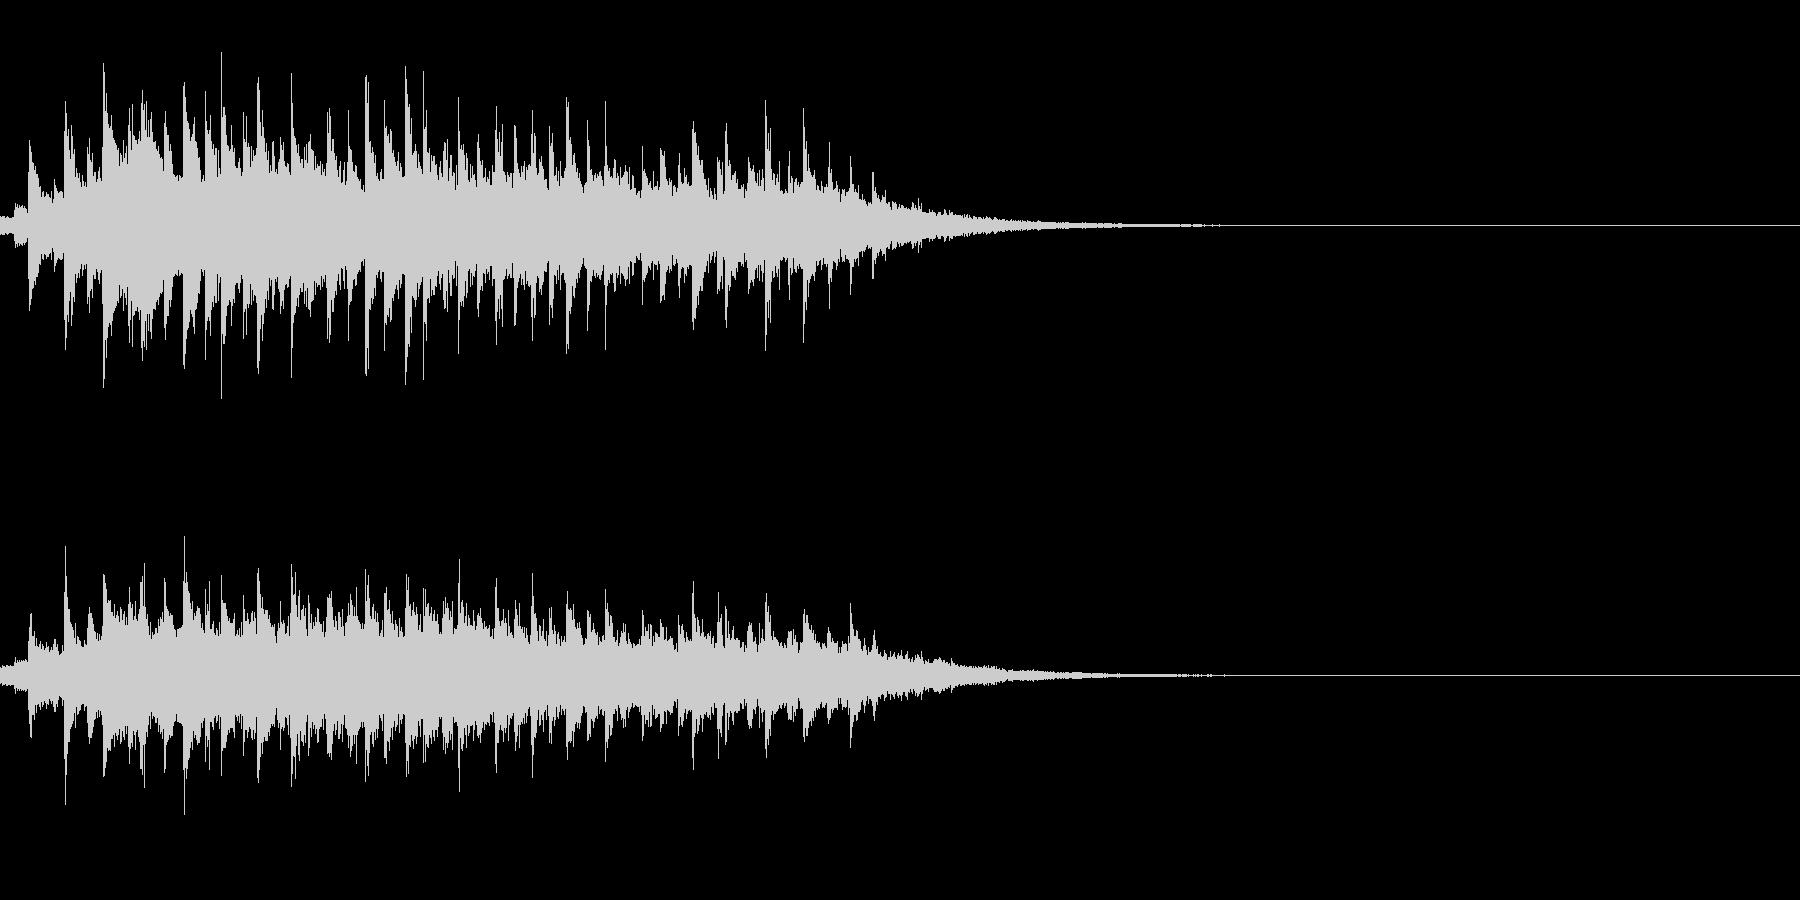 お化け 不思議 コミカル フレクサトーンの未再生の波形